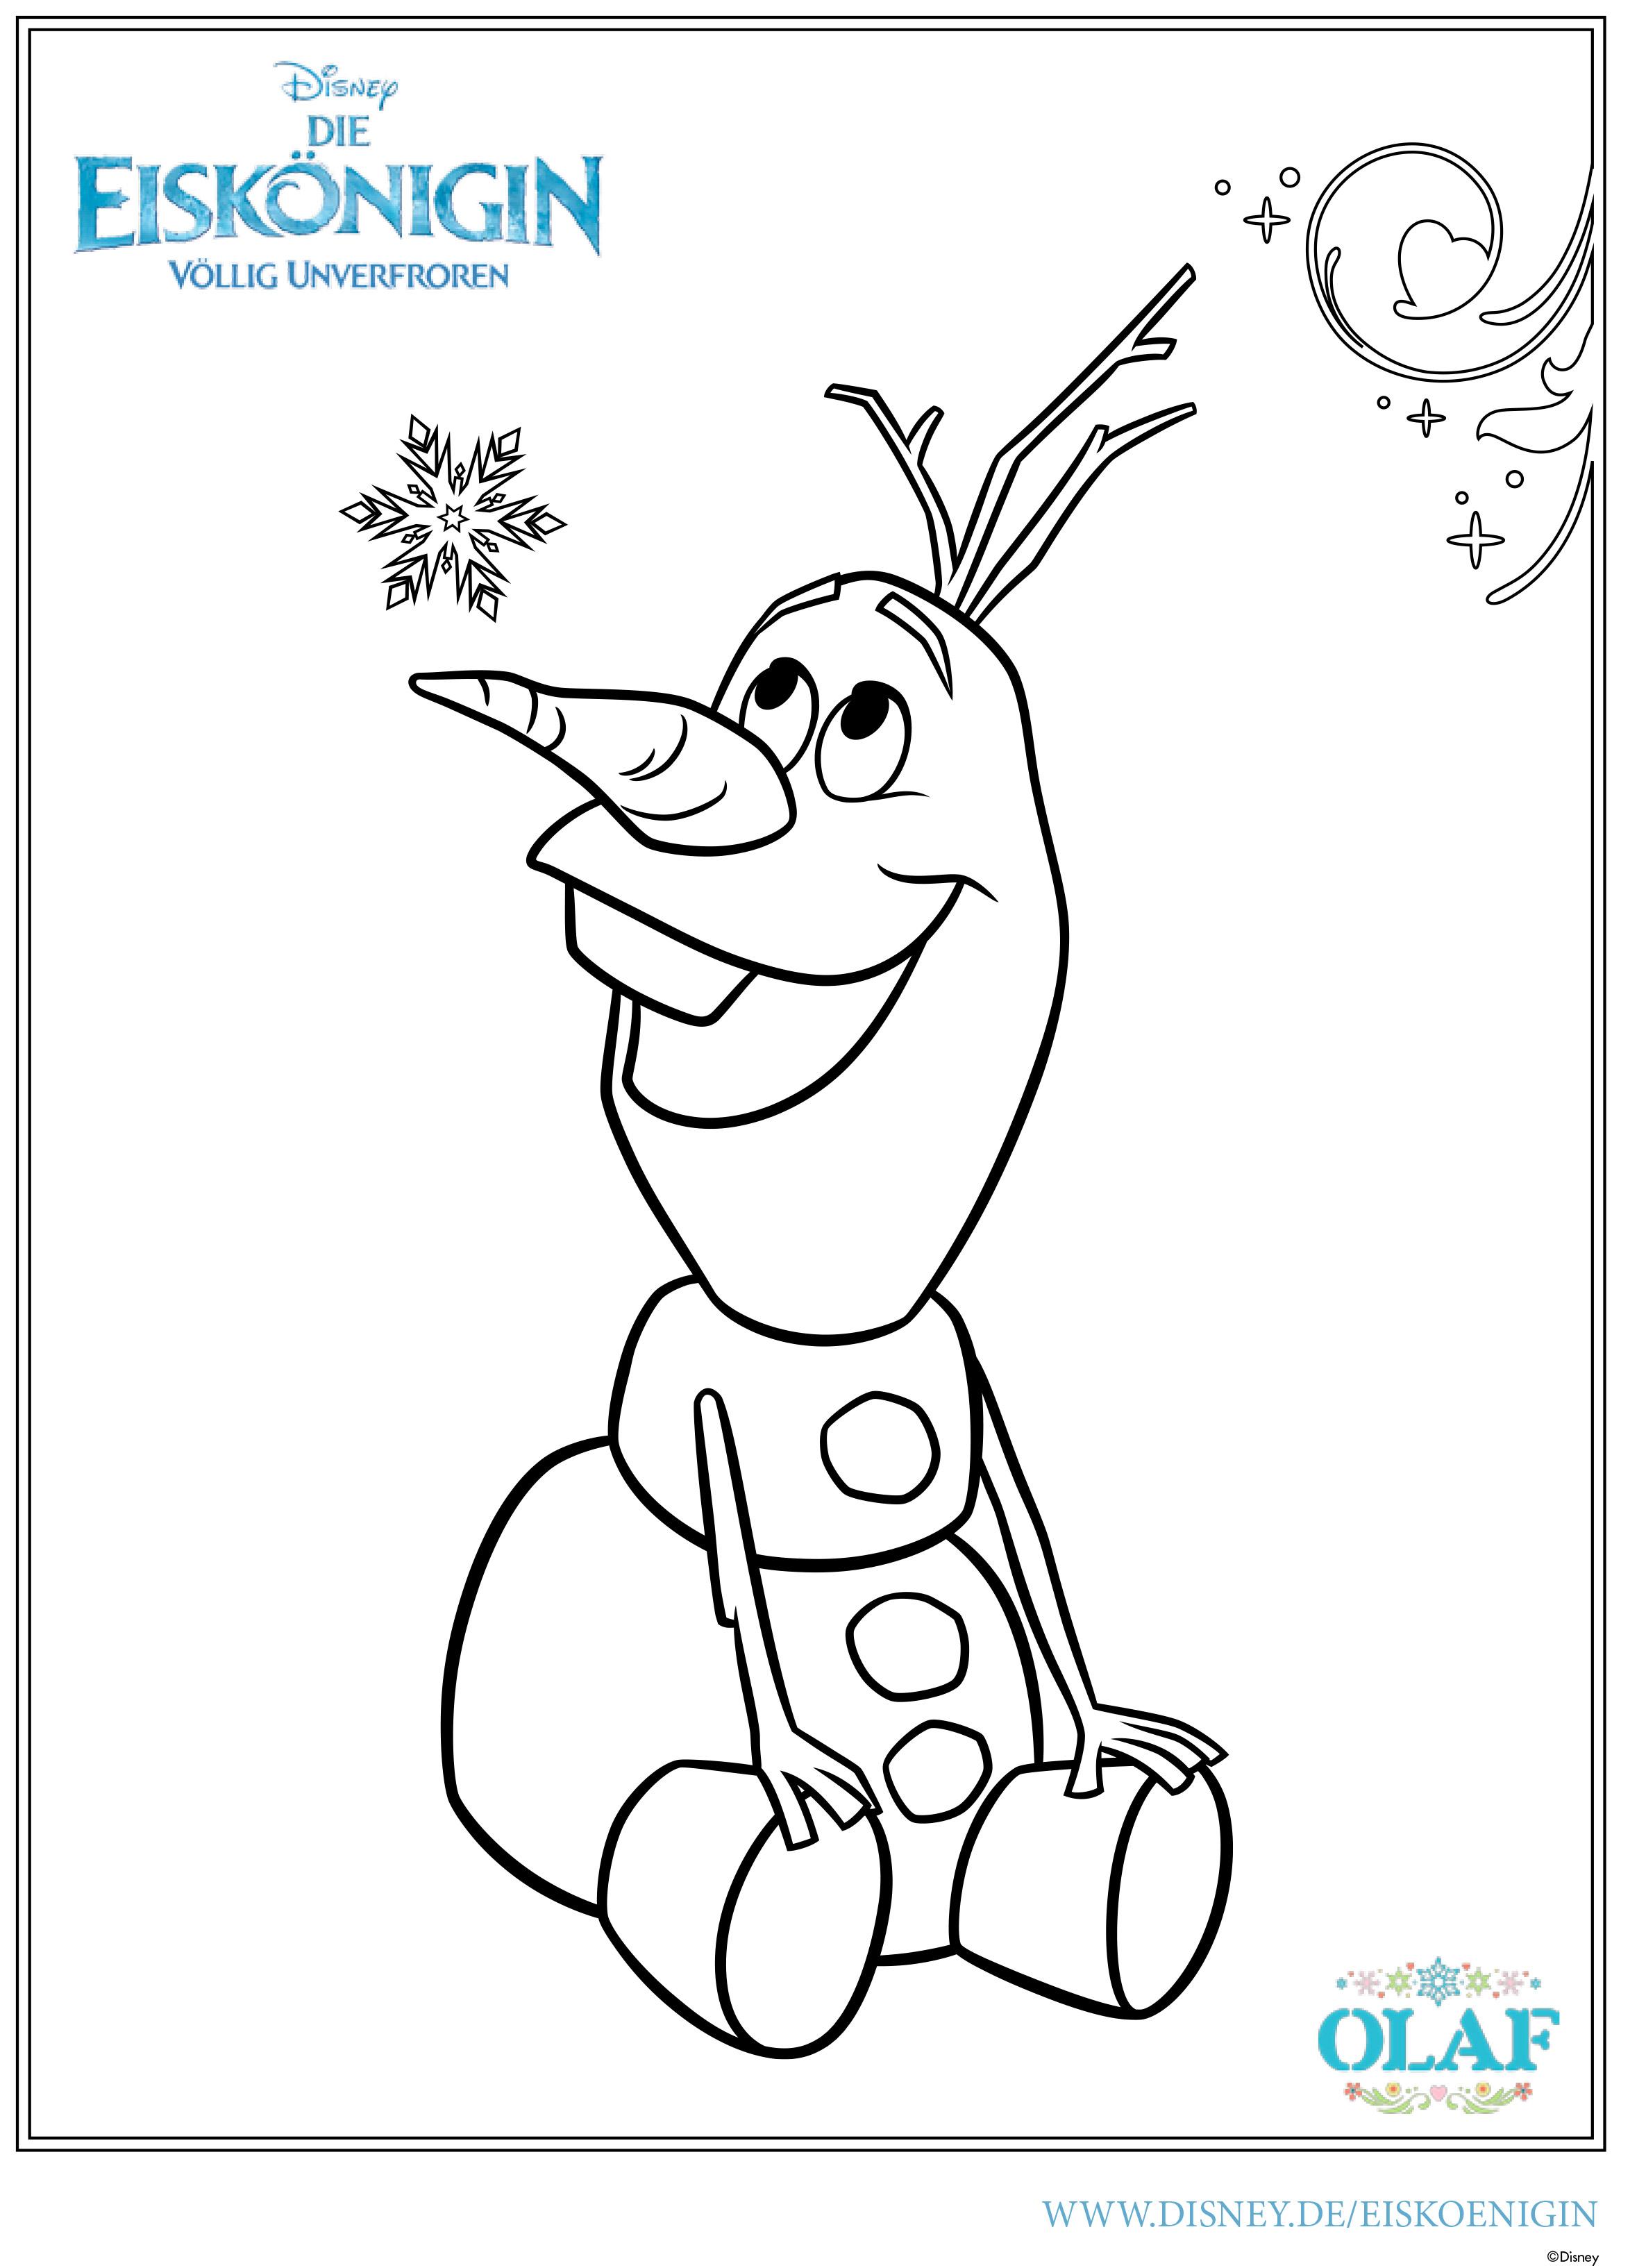 Frozen - Ausmalbilder 2015 - Olaf 01 Die Eiskönigin